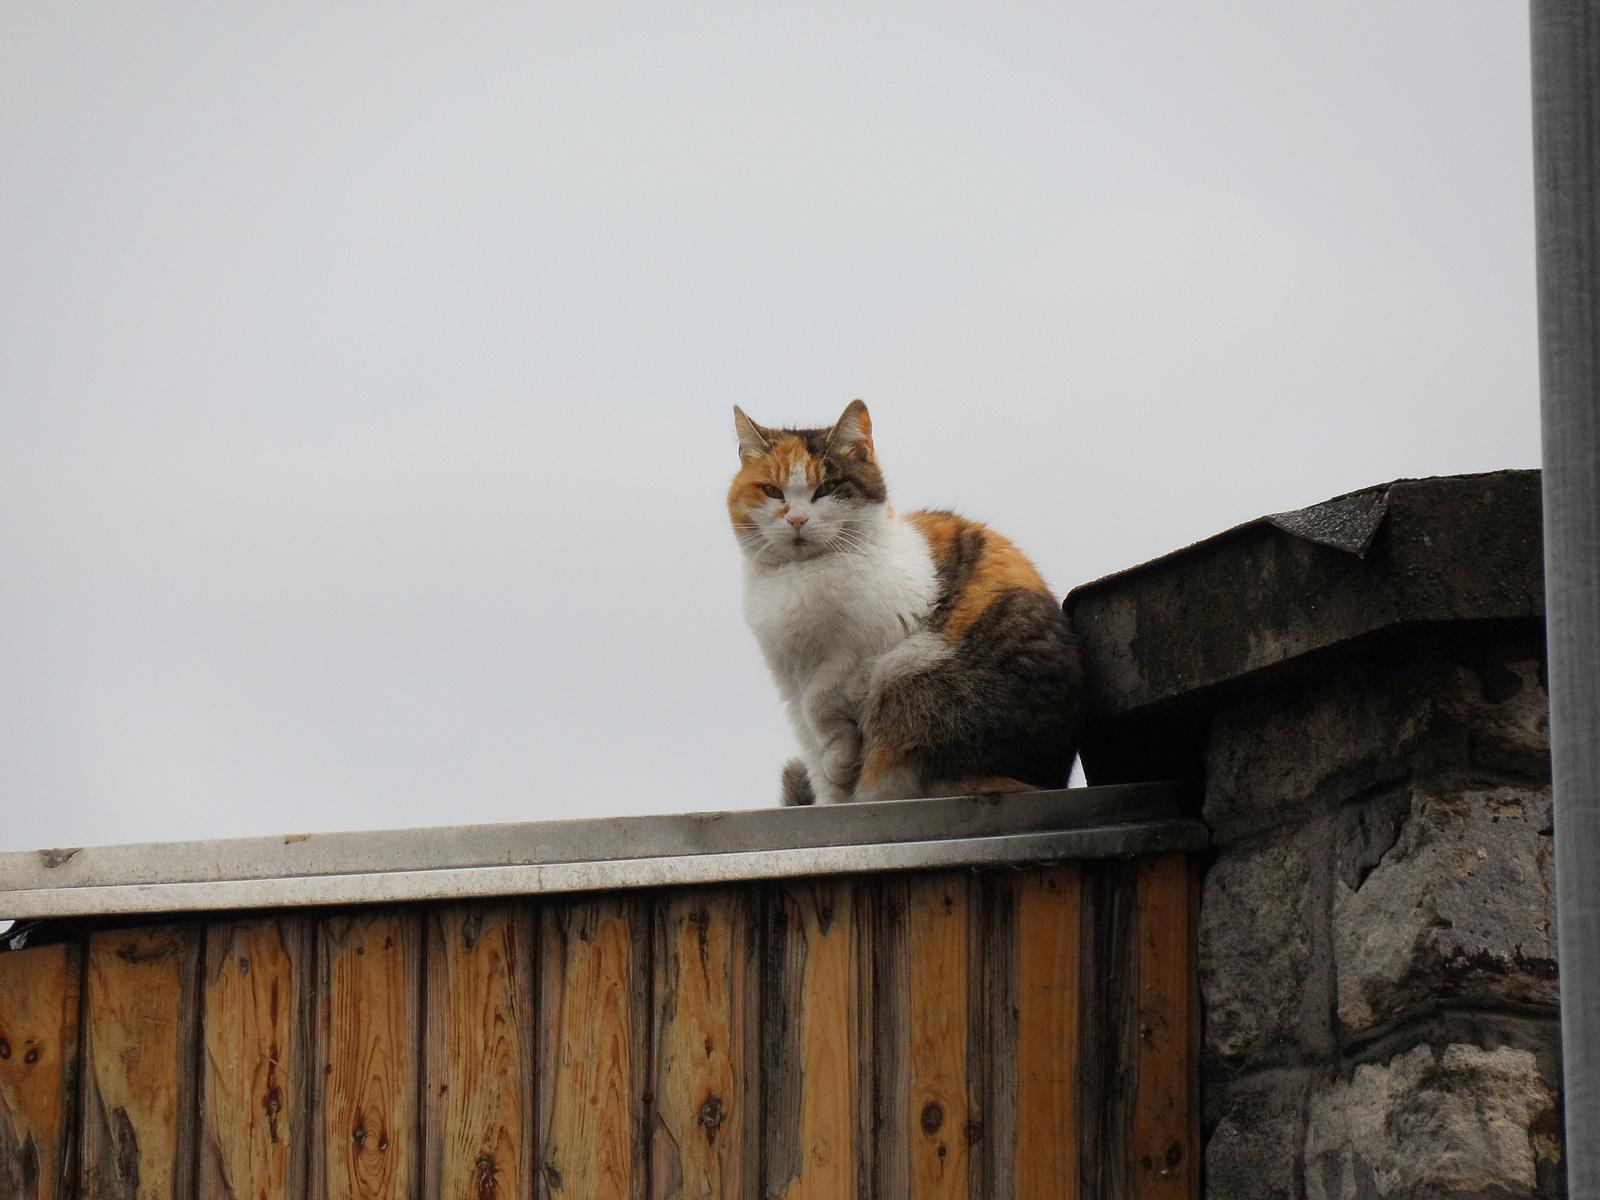 Macska a forró bádogtetőn